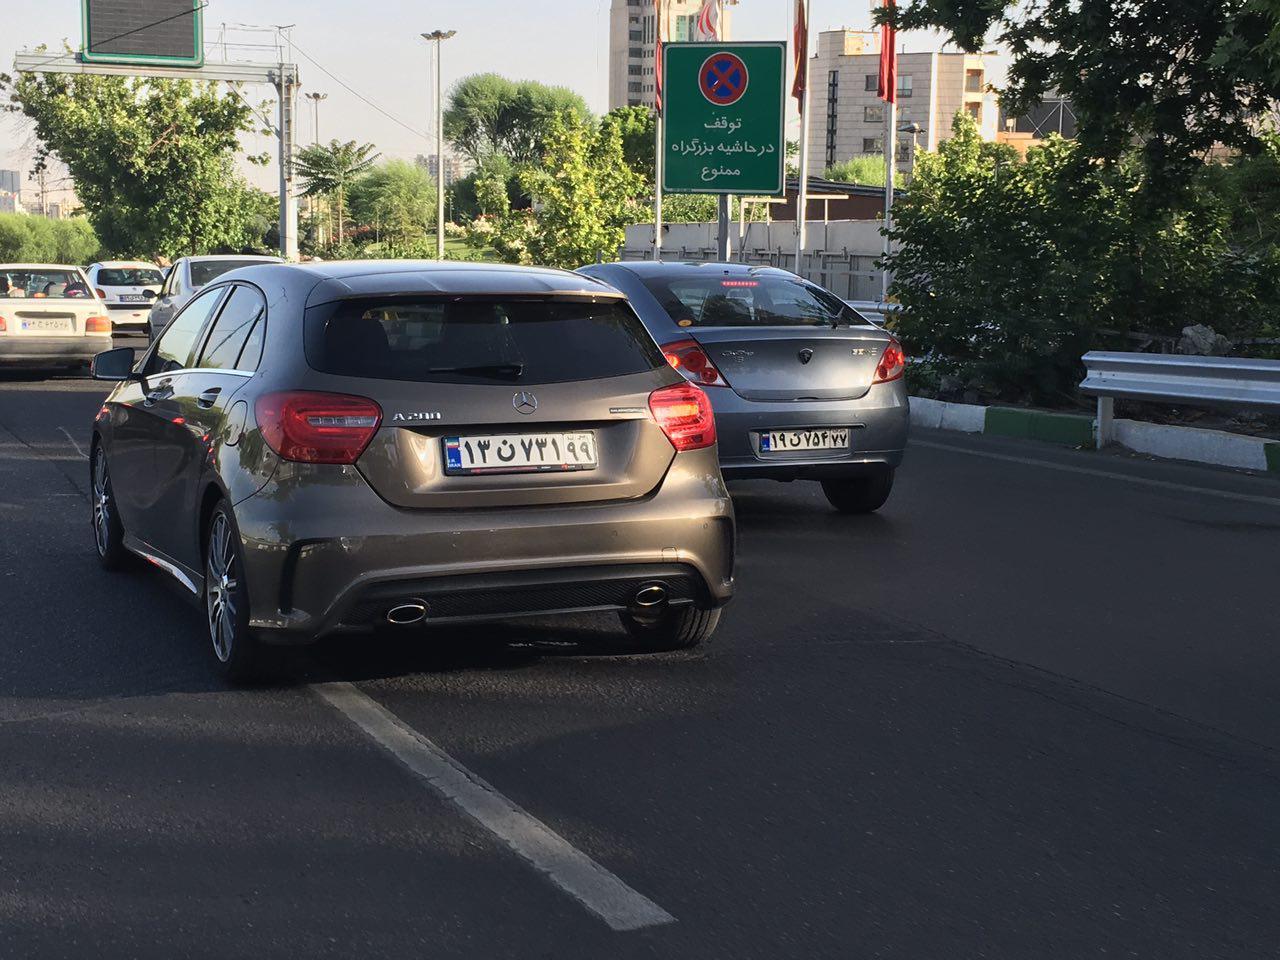 Tehran Number Plates Undergoing Overhaul | Financial Tribune